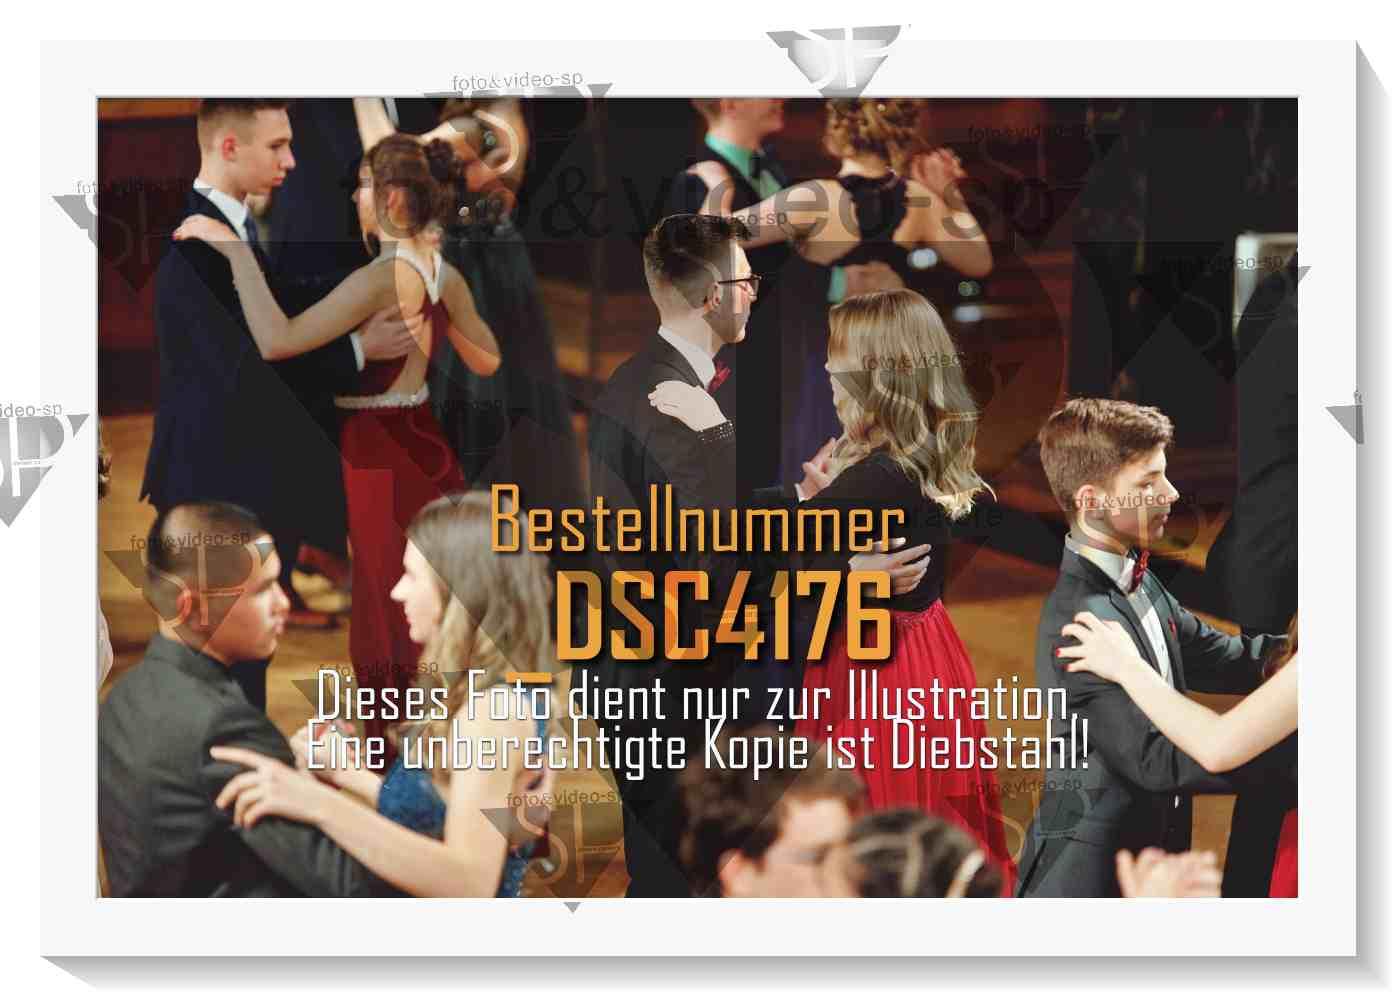 DSC4176